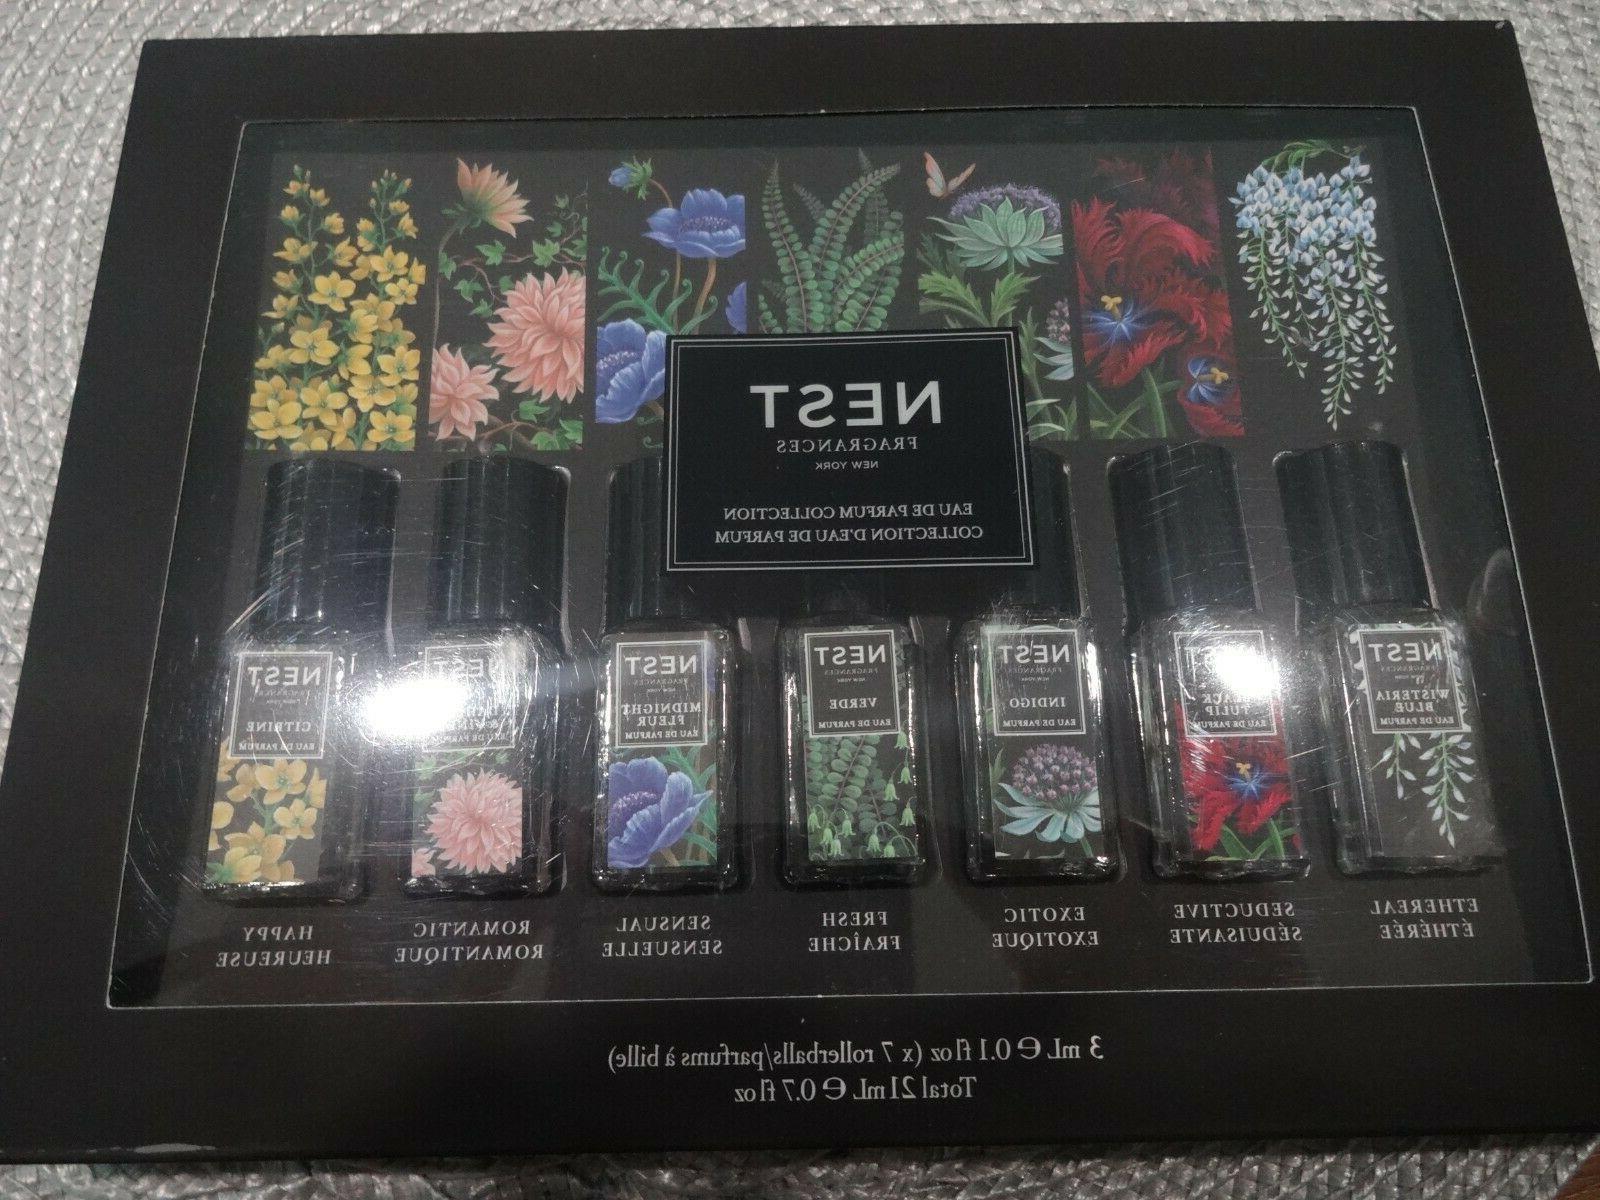 eau de parfum collection set of 7